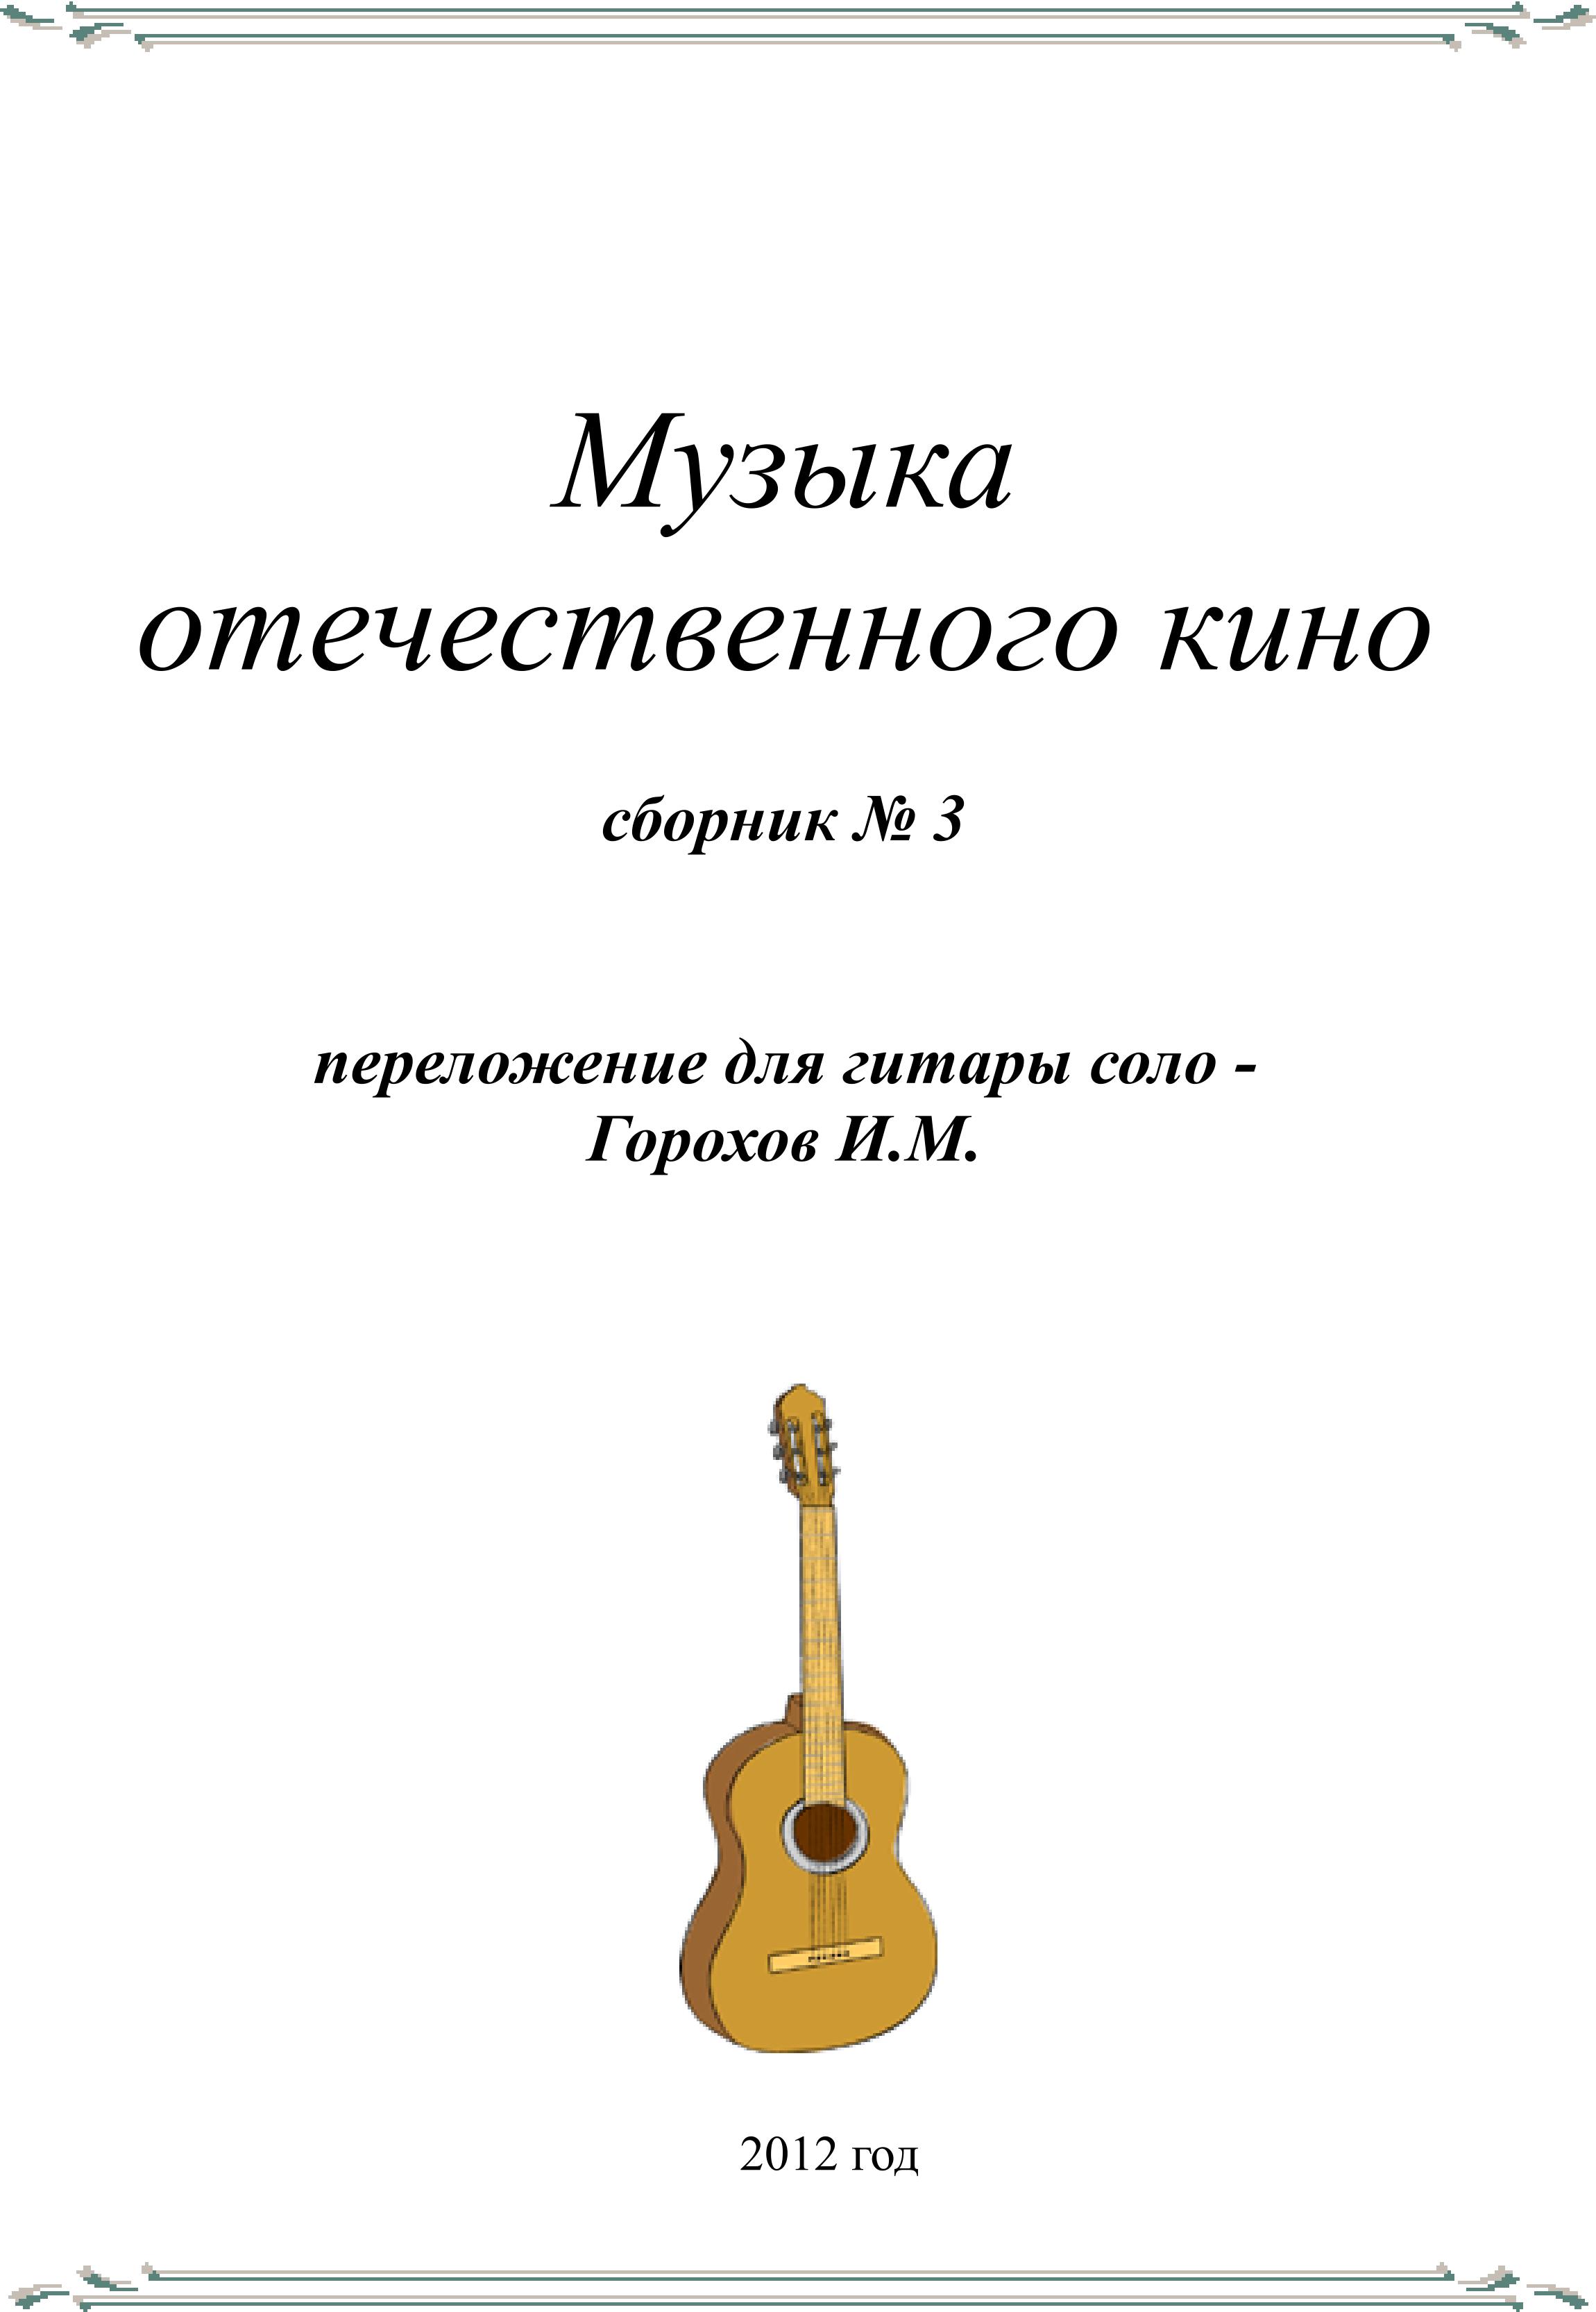 Сборник музыка отечественного кино №3